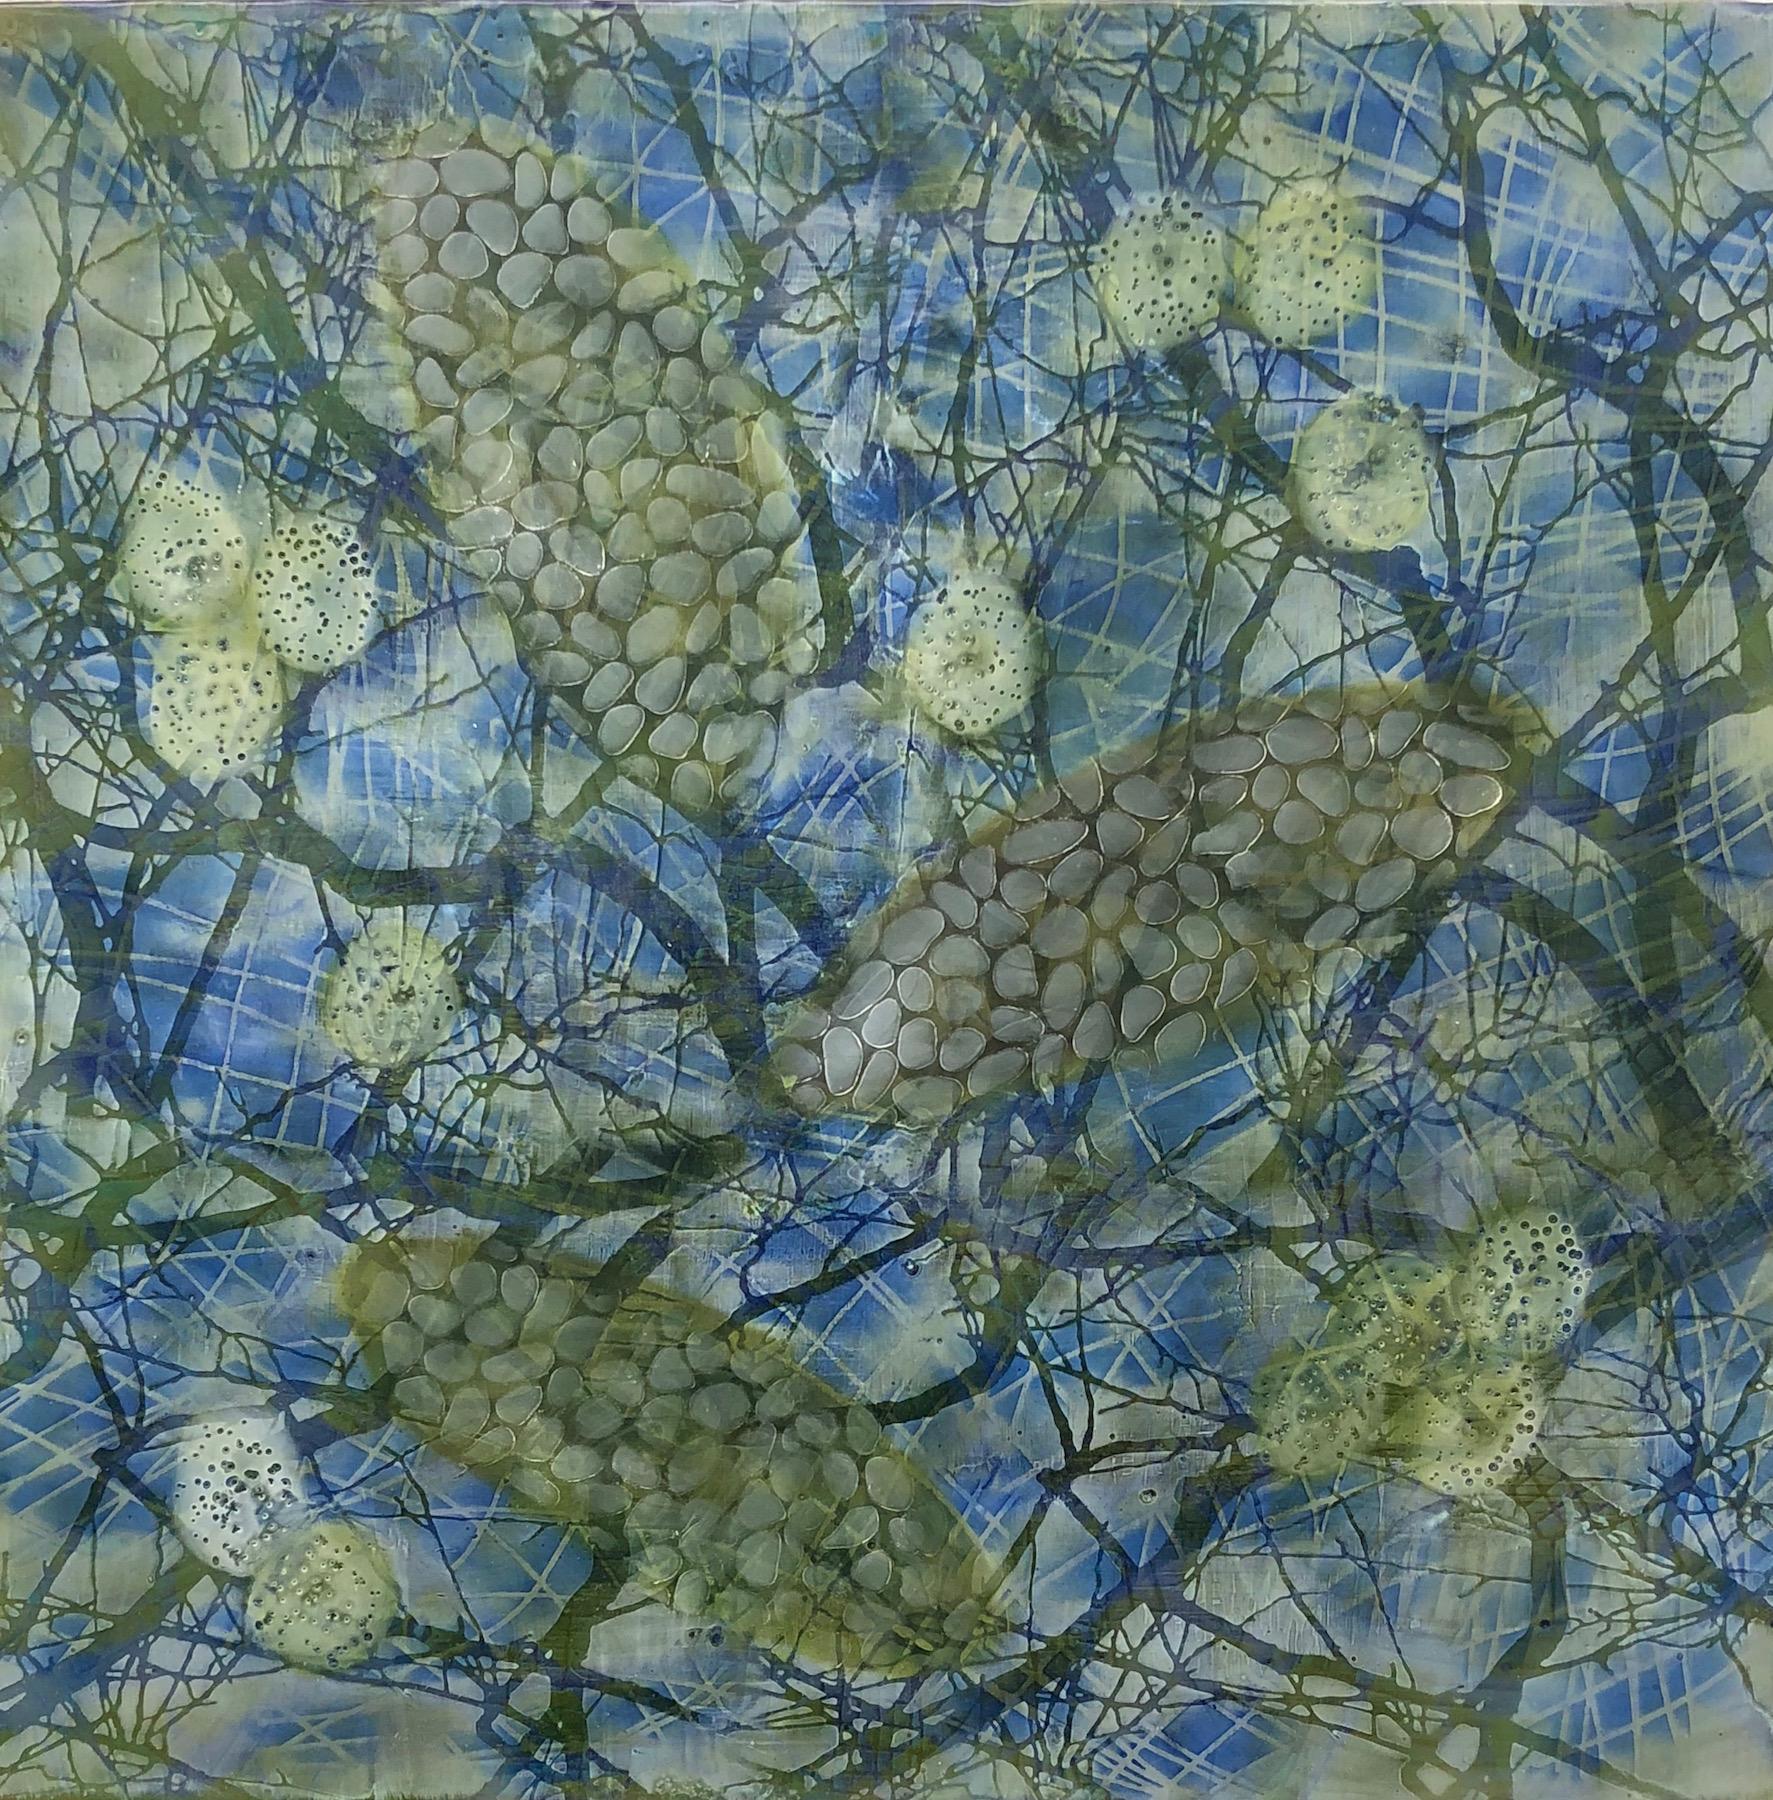 Hartung,  Bio Patterns 16 , Encaustic, pastel, 18x18